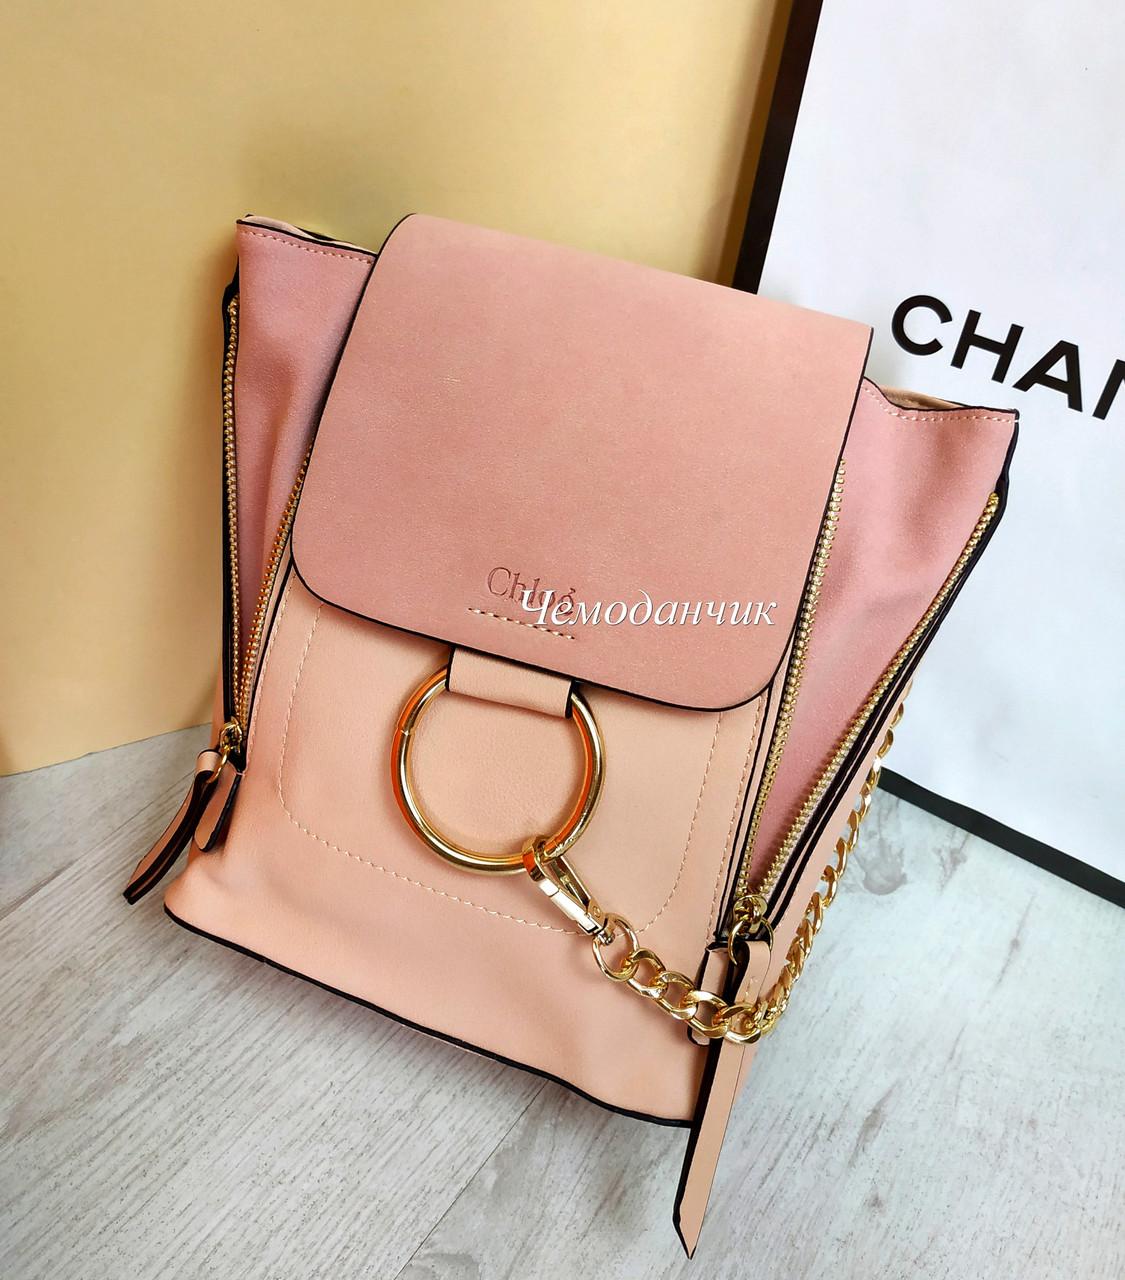 63fa4a566e1f Рюкзак-сумочка Chloe Хлоя в расцветках - ЧЕМОДАНЧИК - самые красивые  сумочки по самой приятной